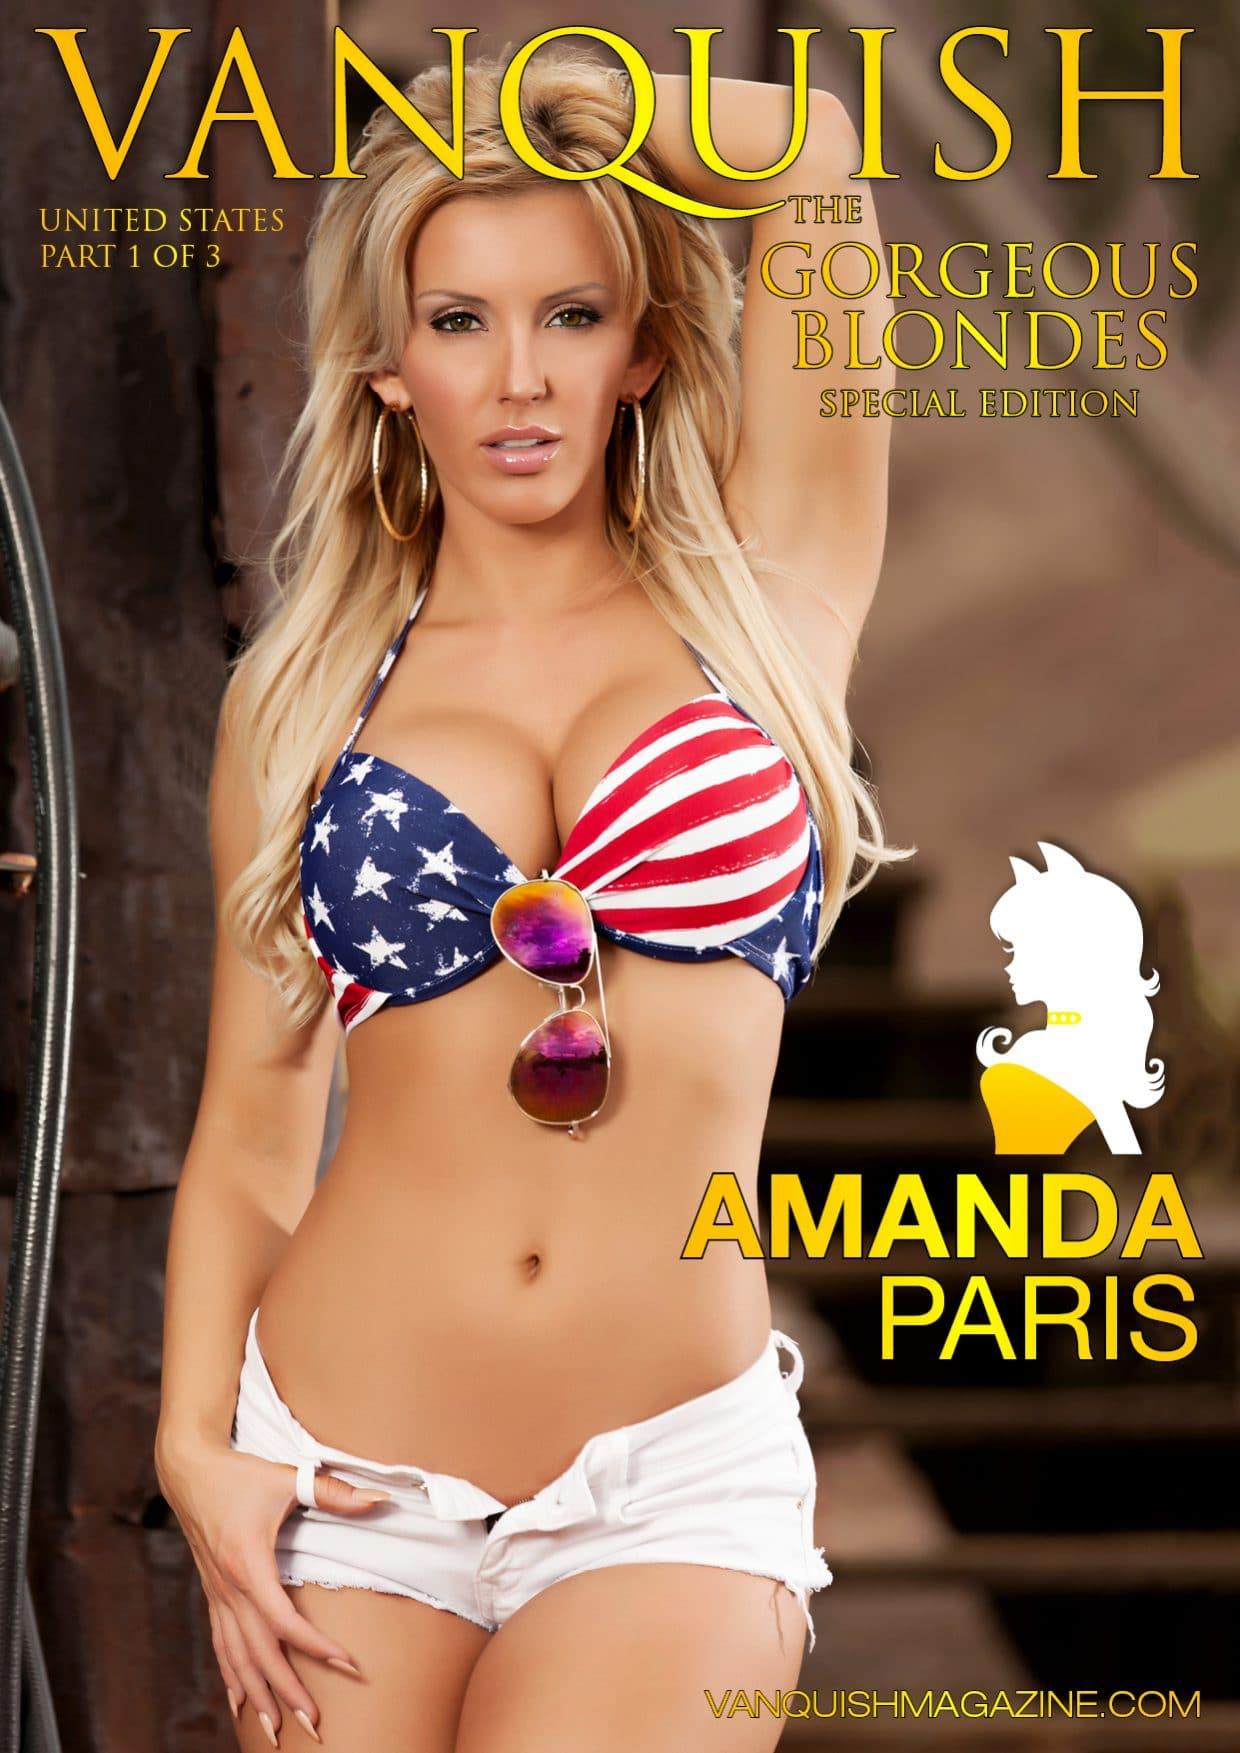 Vanquish Magazine – Gorgeous Blondes – Amanda Paris